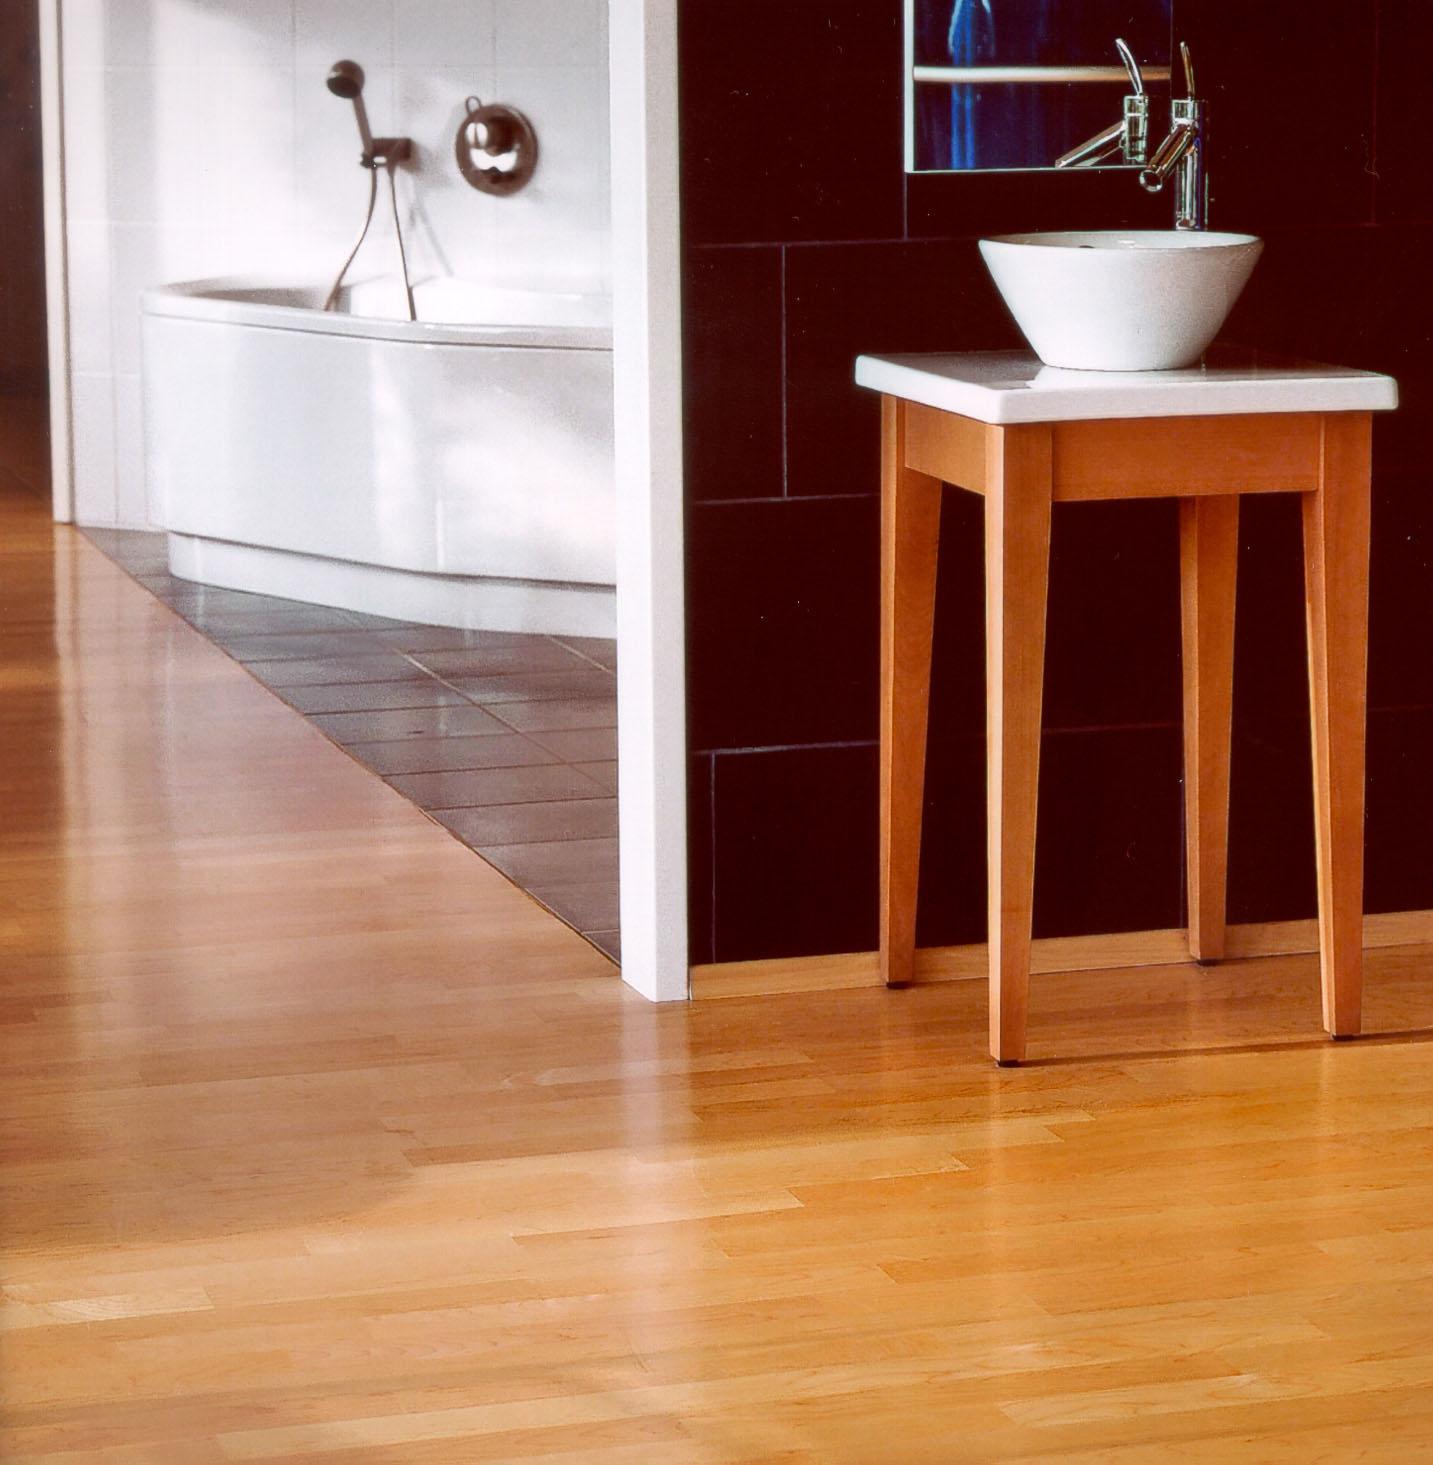 individuelle fu bodengestaltung mit vollfl chig geklebtem parkett der unterschied liegt im. Black Bedroom Furniture Sets. Home Design Ideas